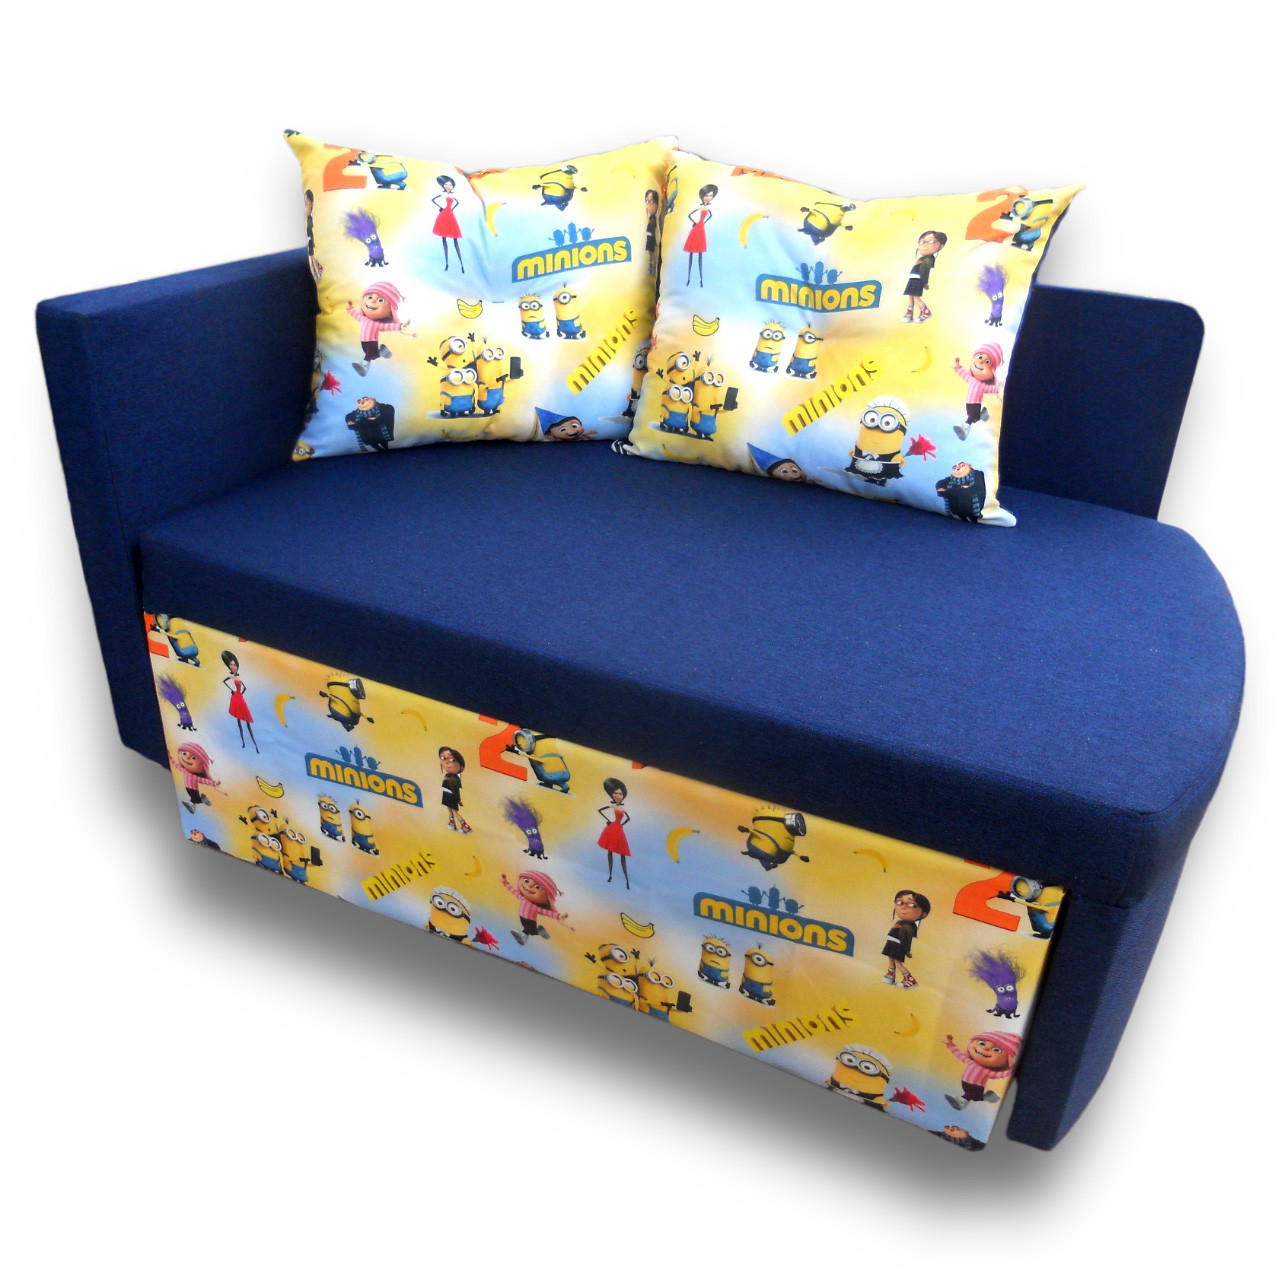 Детский диван Миньоны 80см, малютка раскладной. Диванчик со спальным местом 2 метра